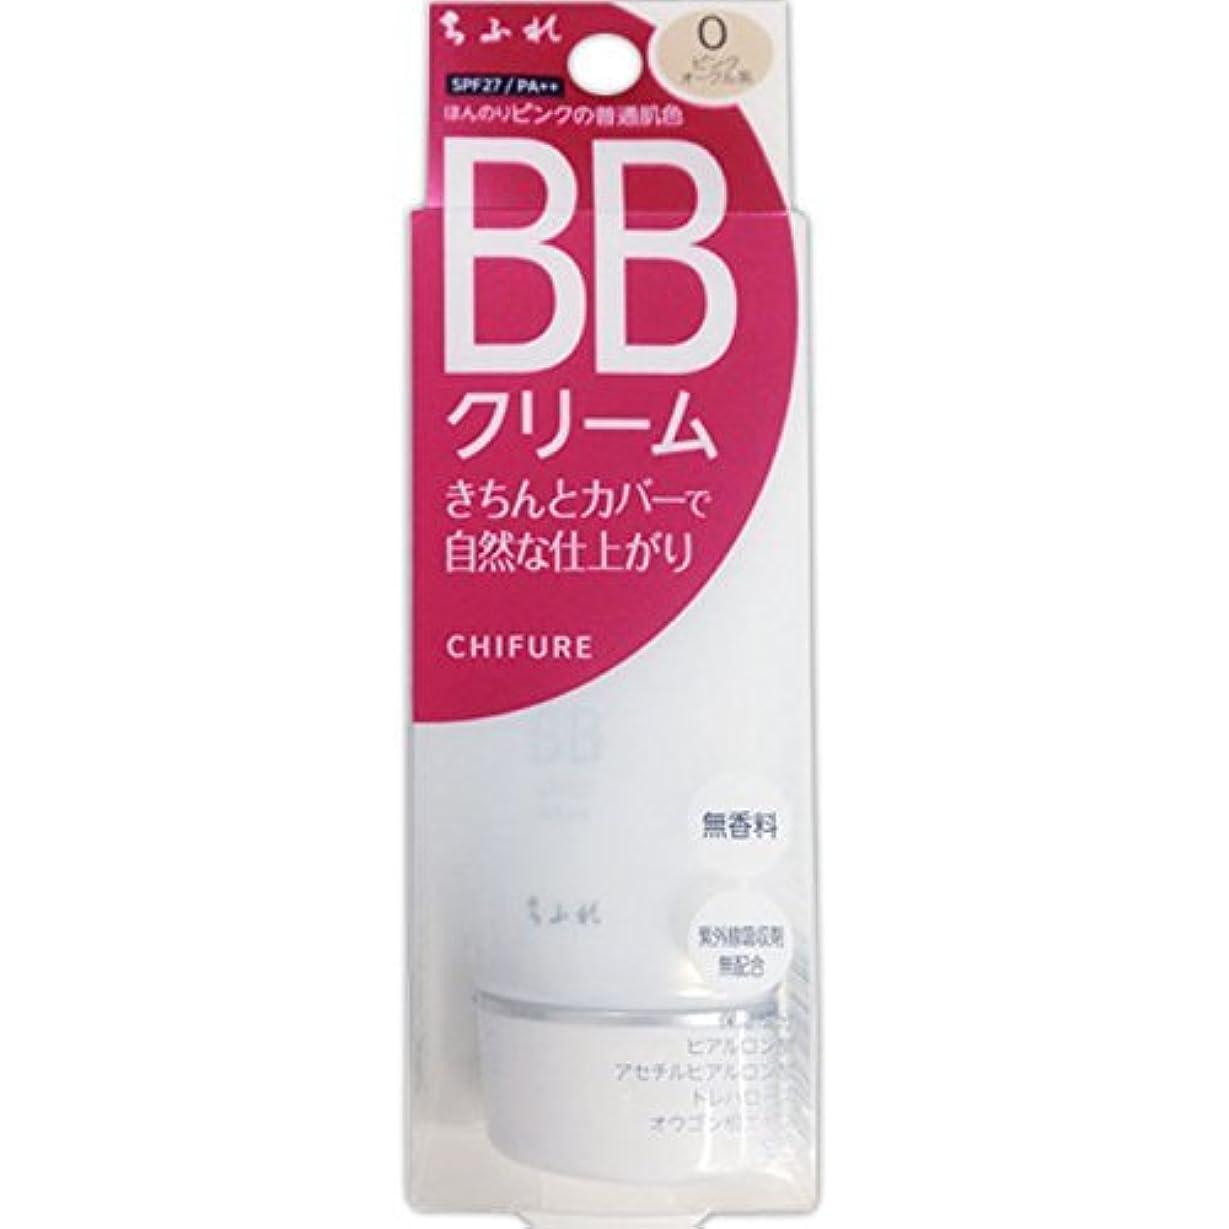 オートスピーチジュニアちふれ化粧品 BB クリーム ほんのりピンクの普通肌色 0